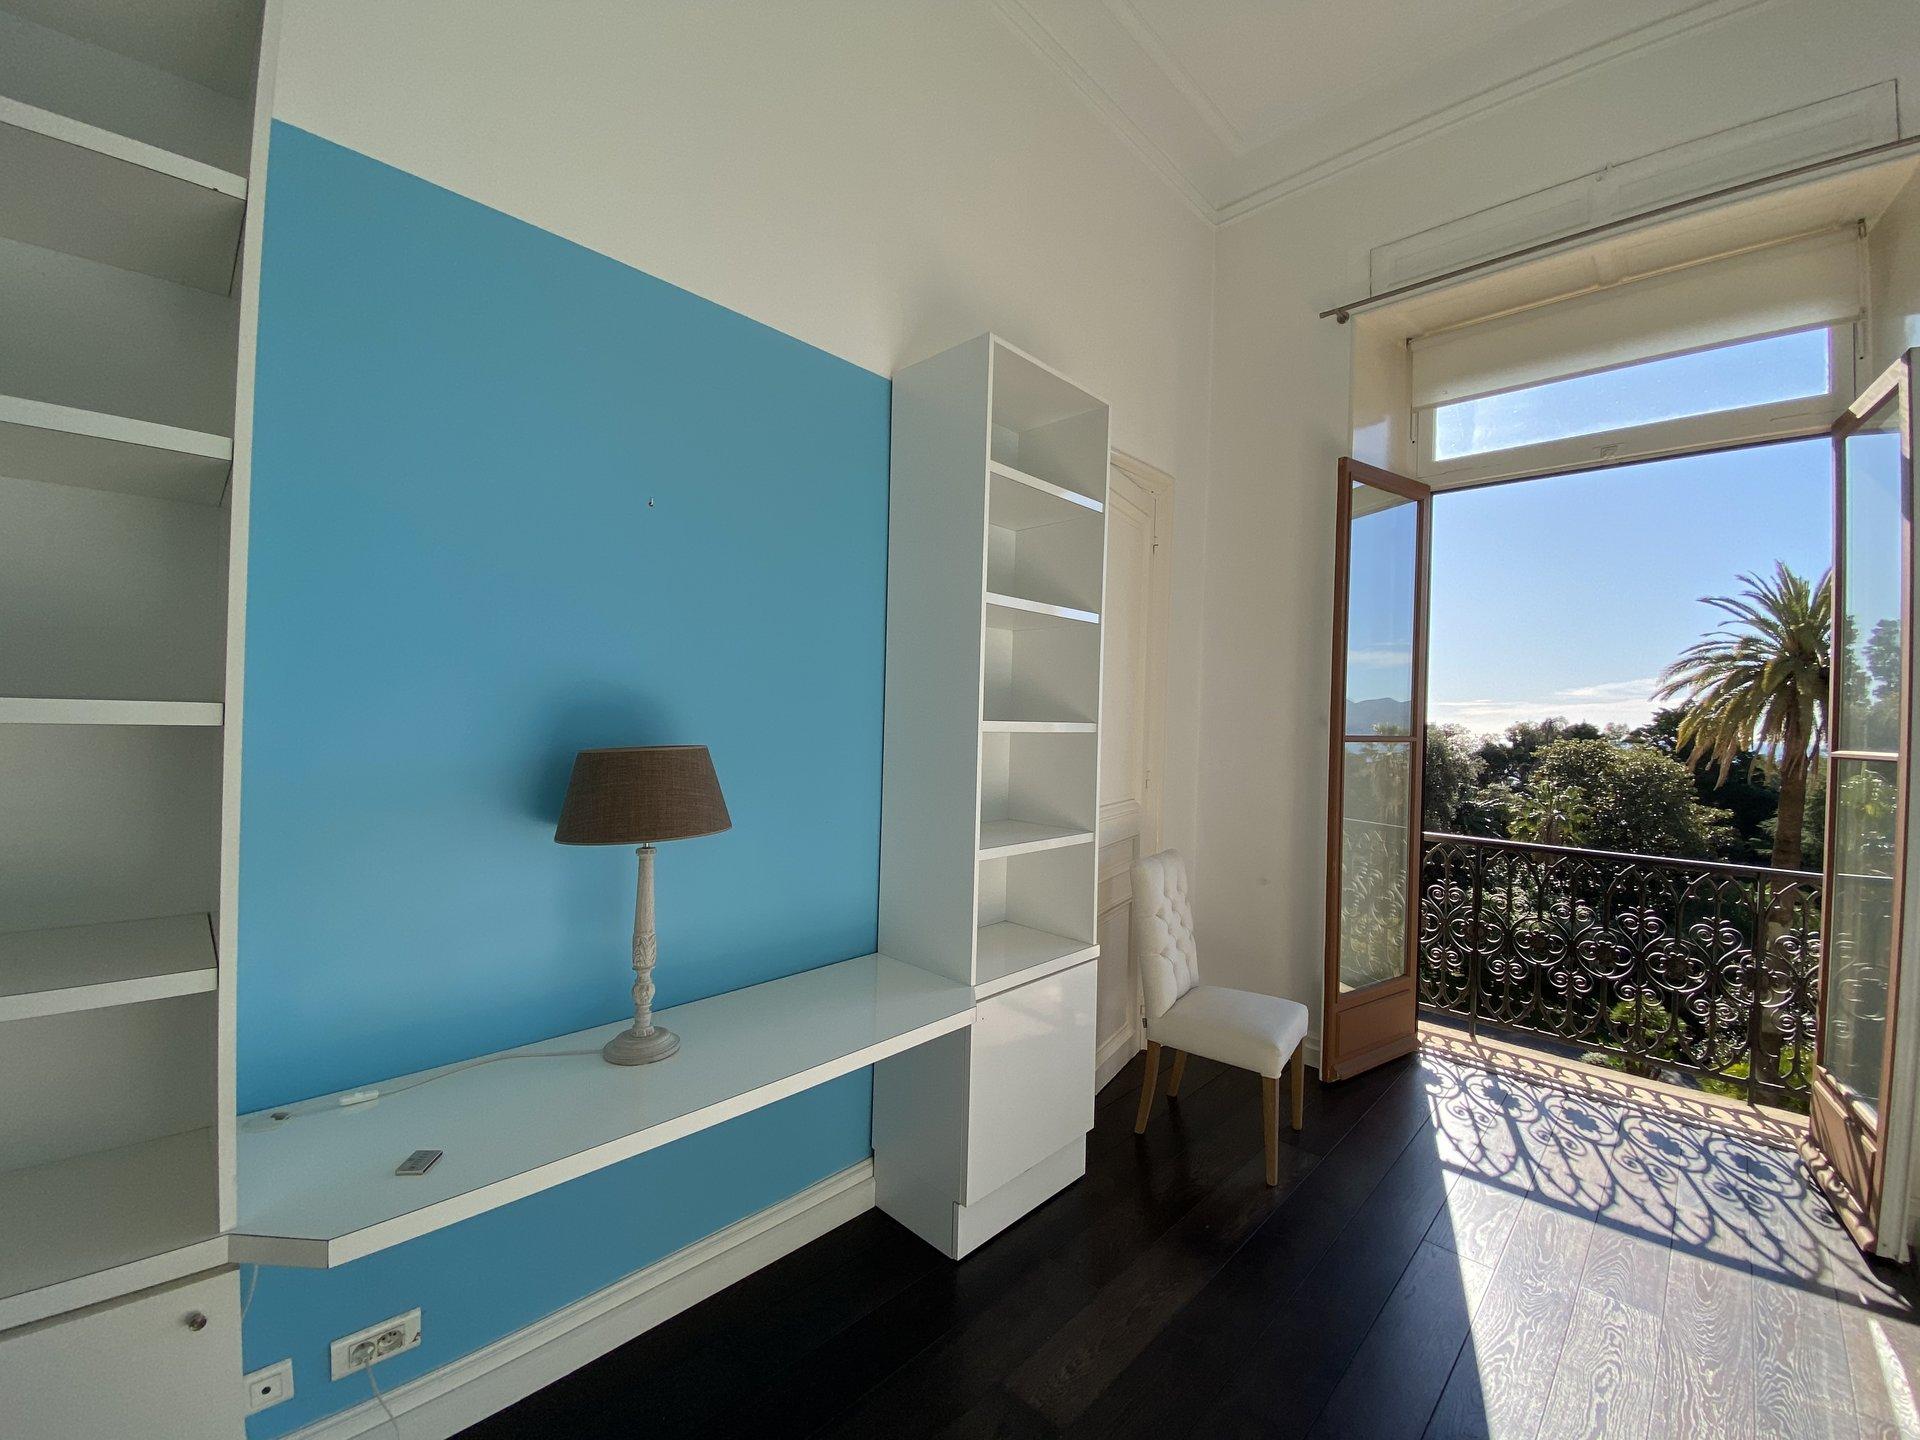 Канны - Просторные апартаменты в престижной резиденции